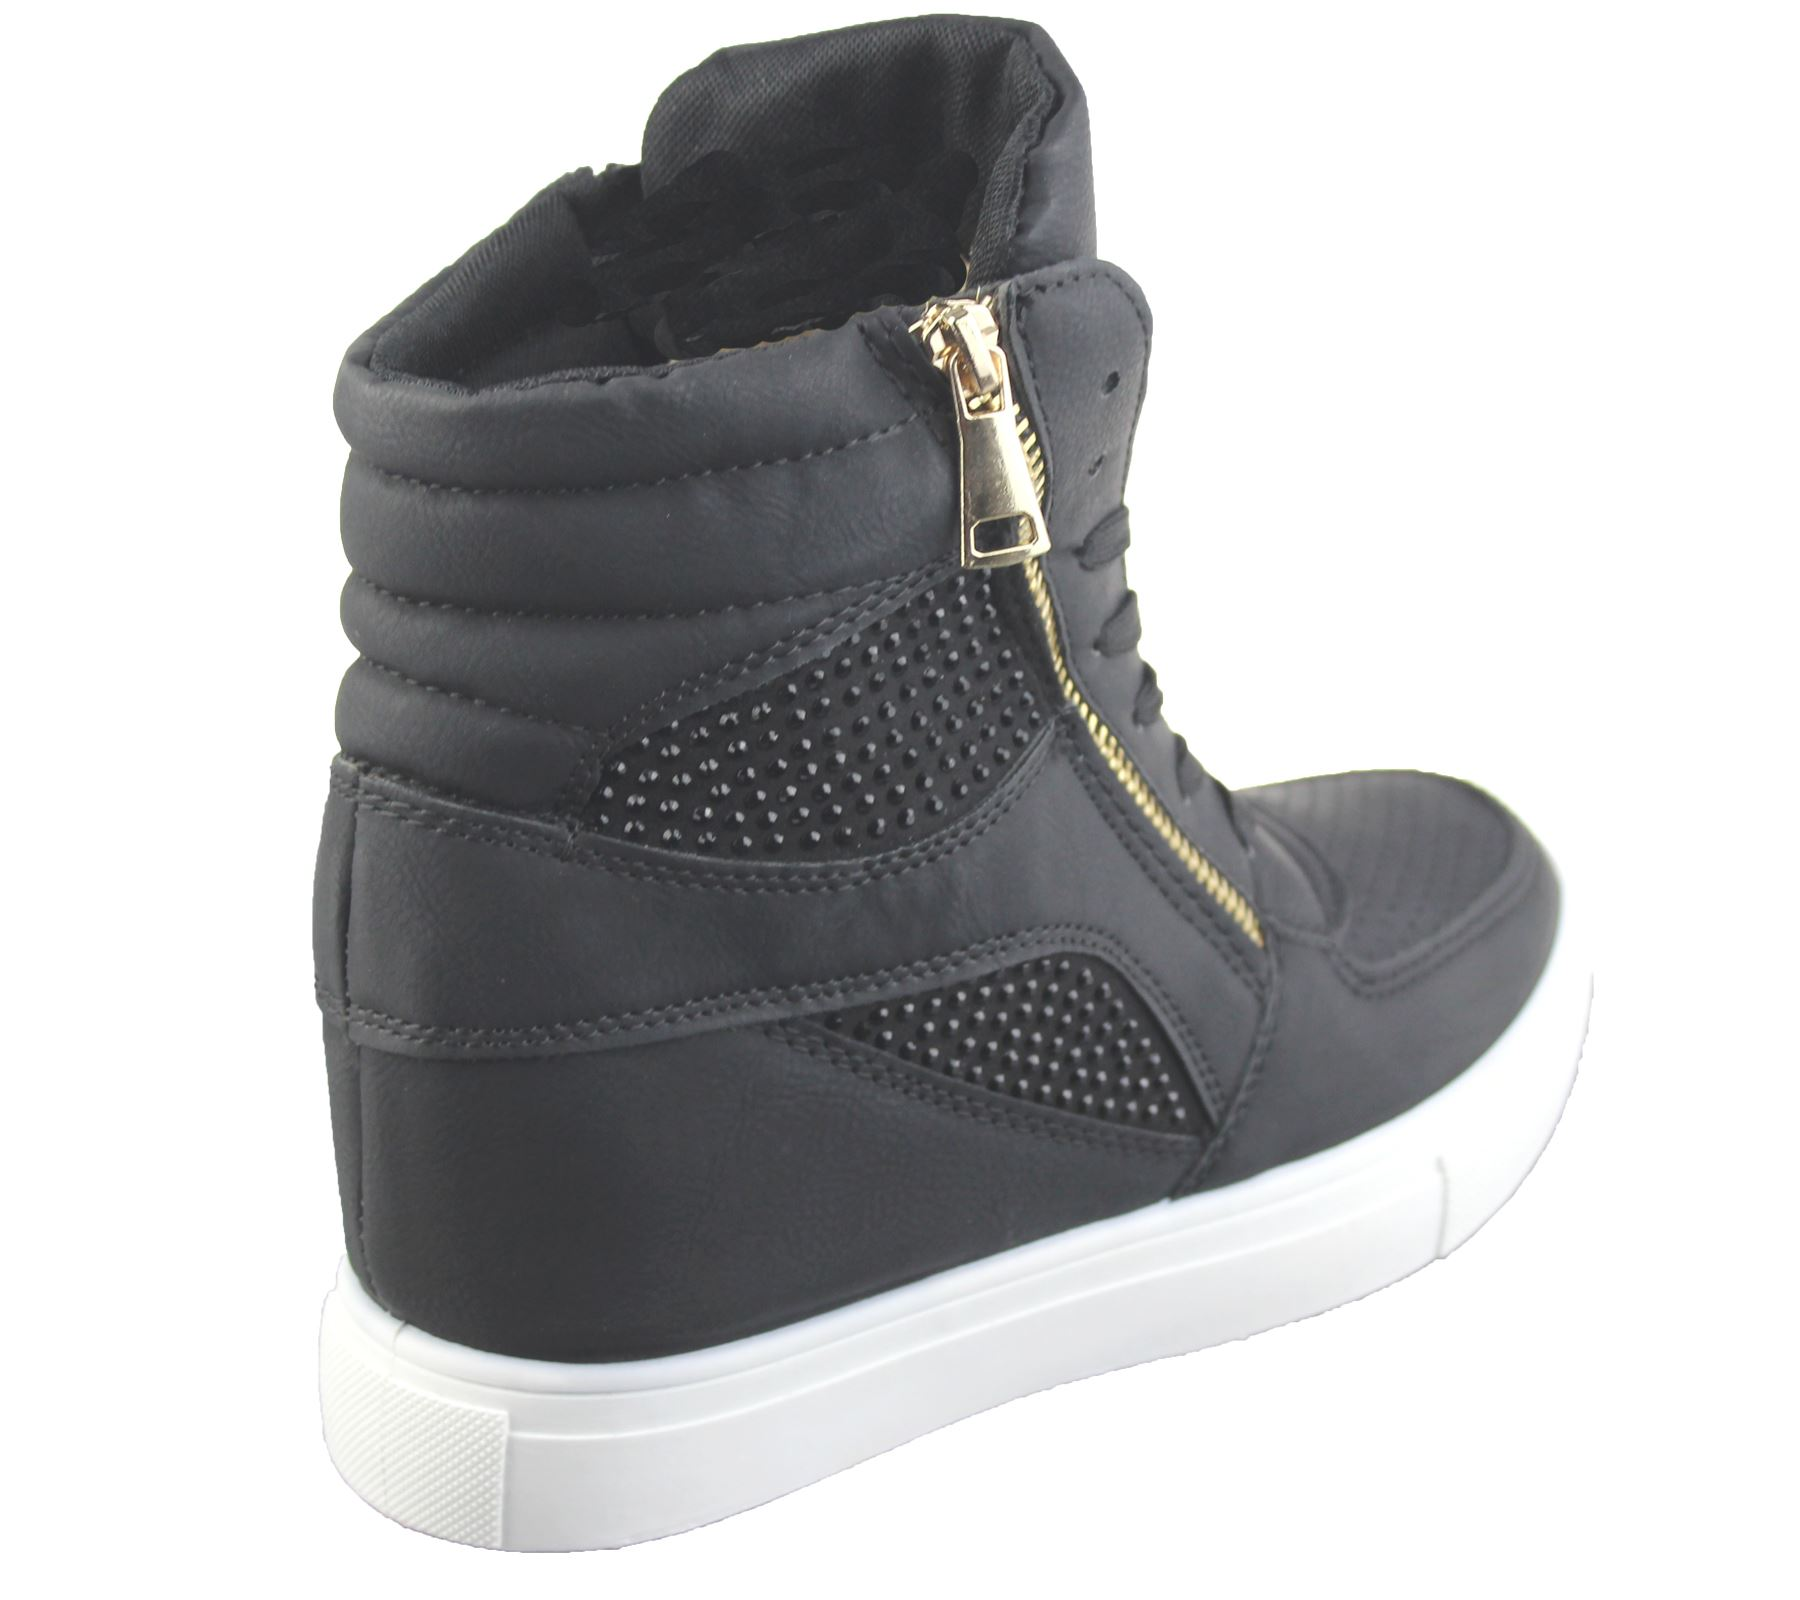 Zapatillas para mujer cuña Damas Botines Zapatillas Chica alta Top ... 8eb85a44926c